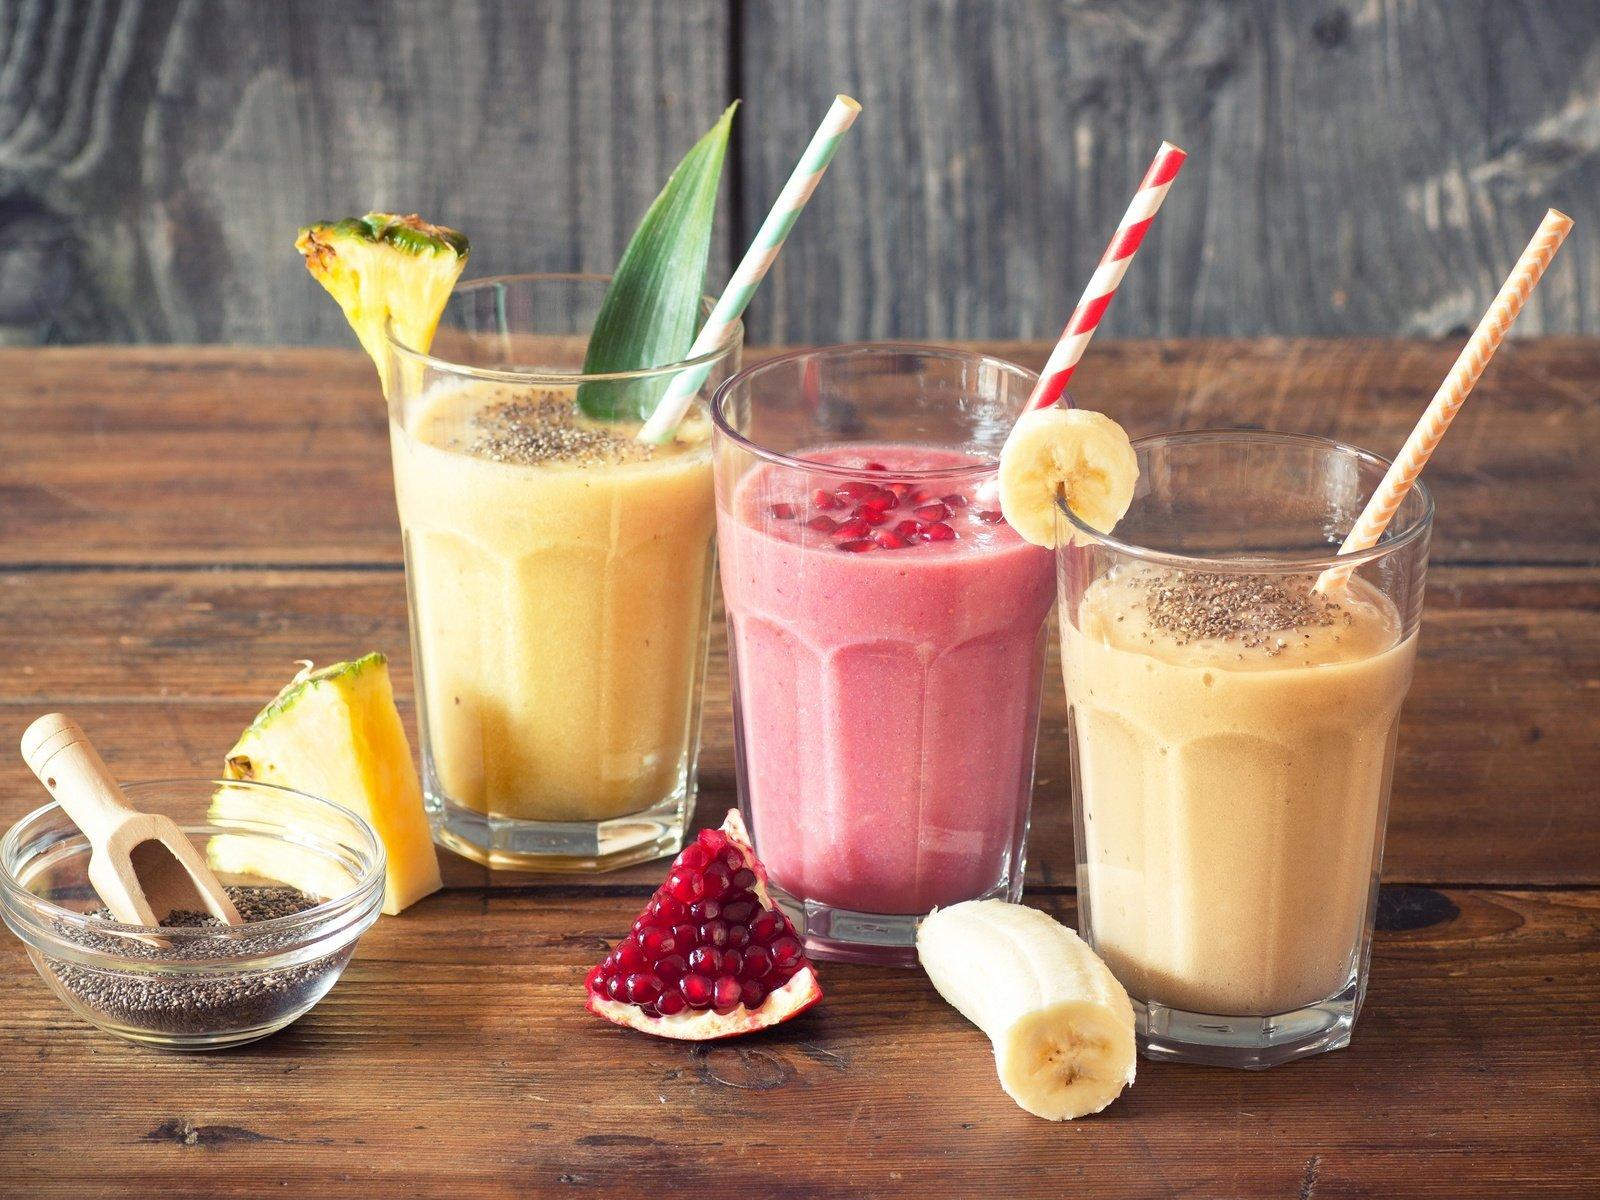 Рейтинг лучших миксеров для молочных коктейлей на 2020 год